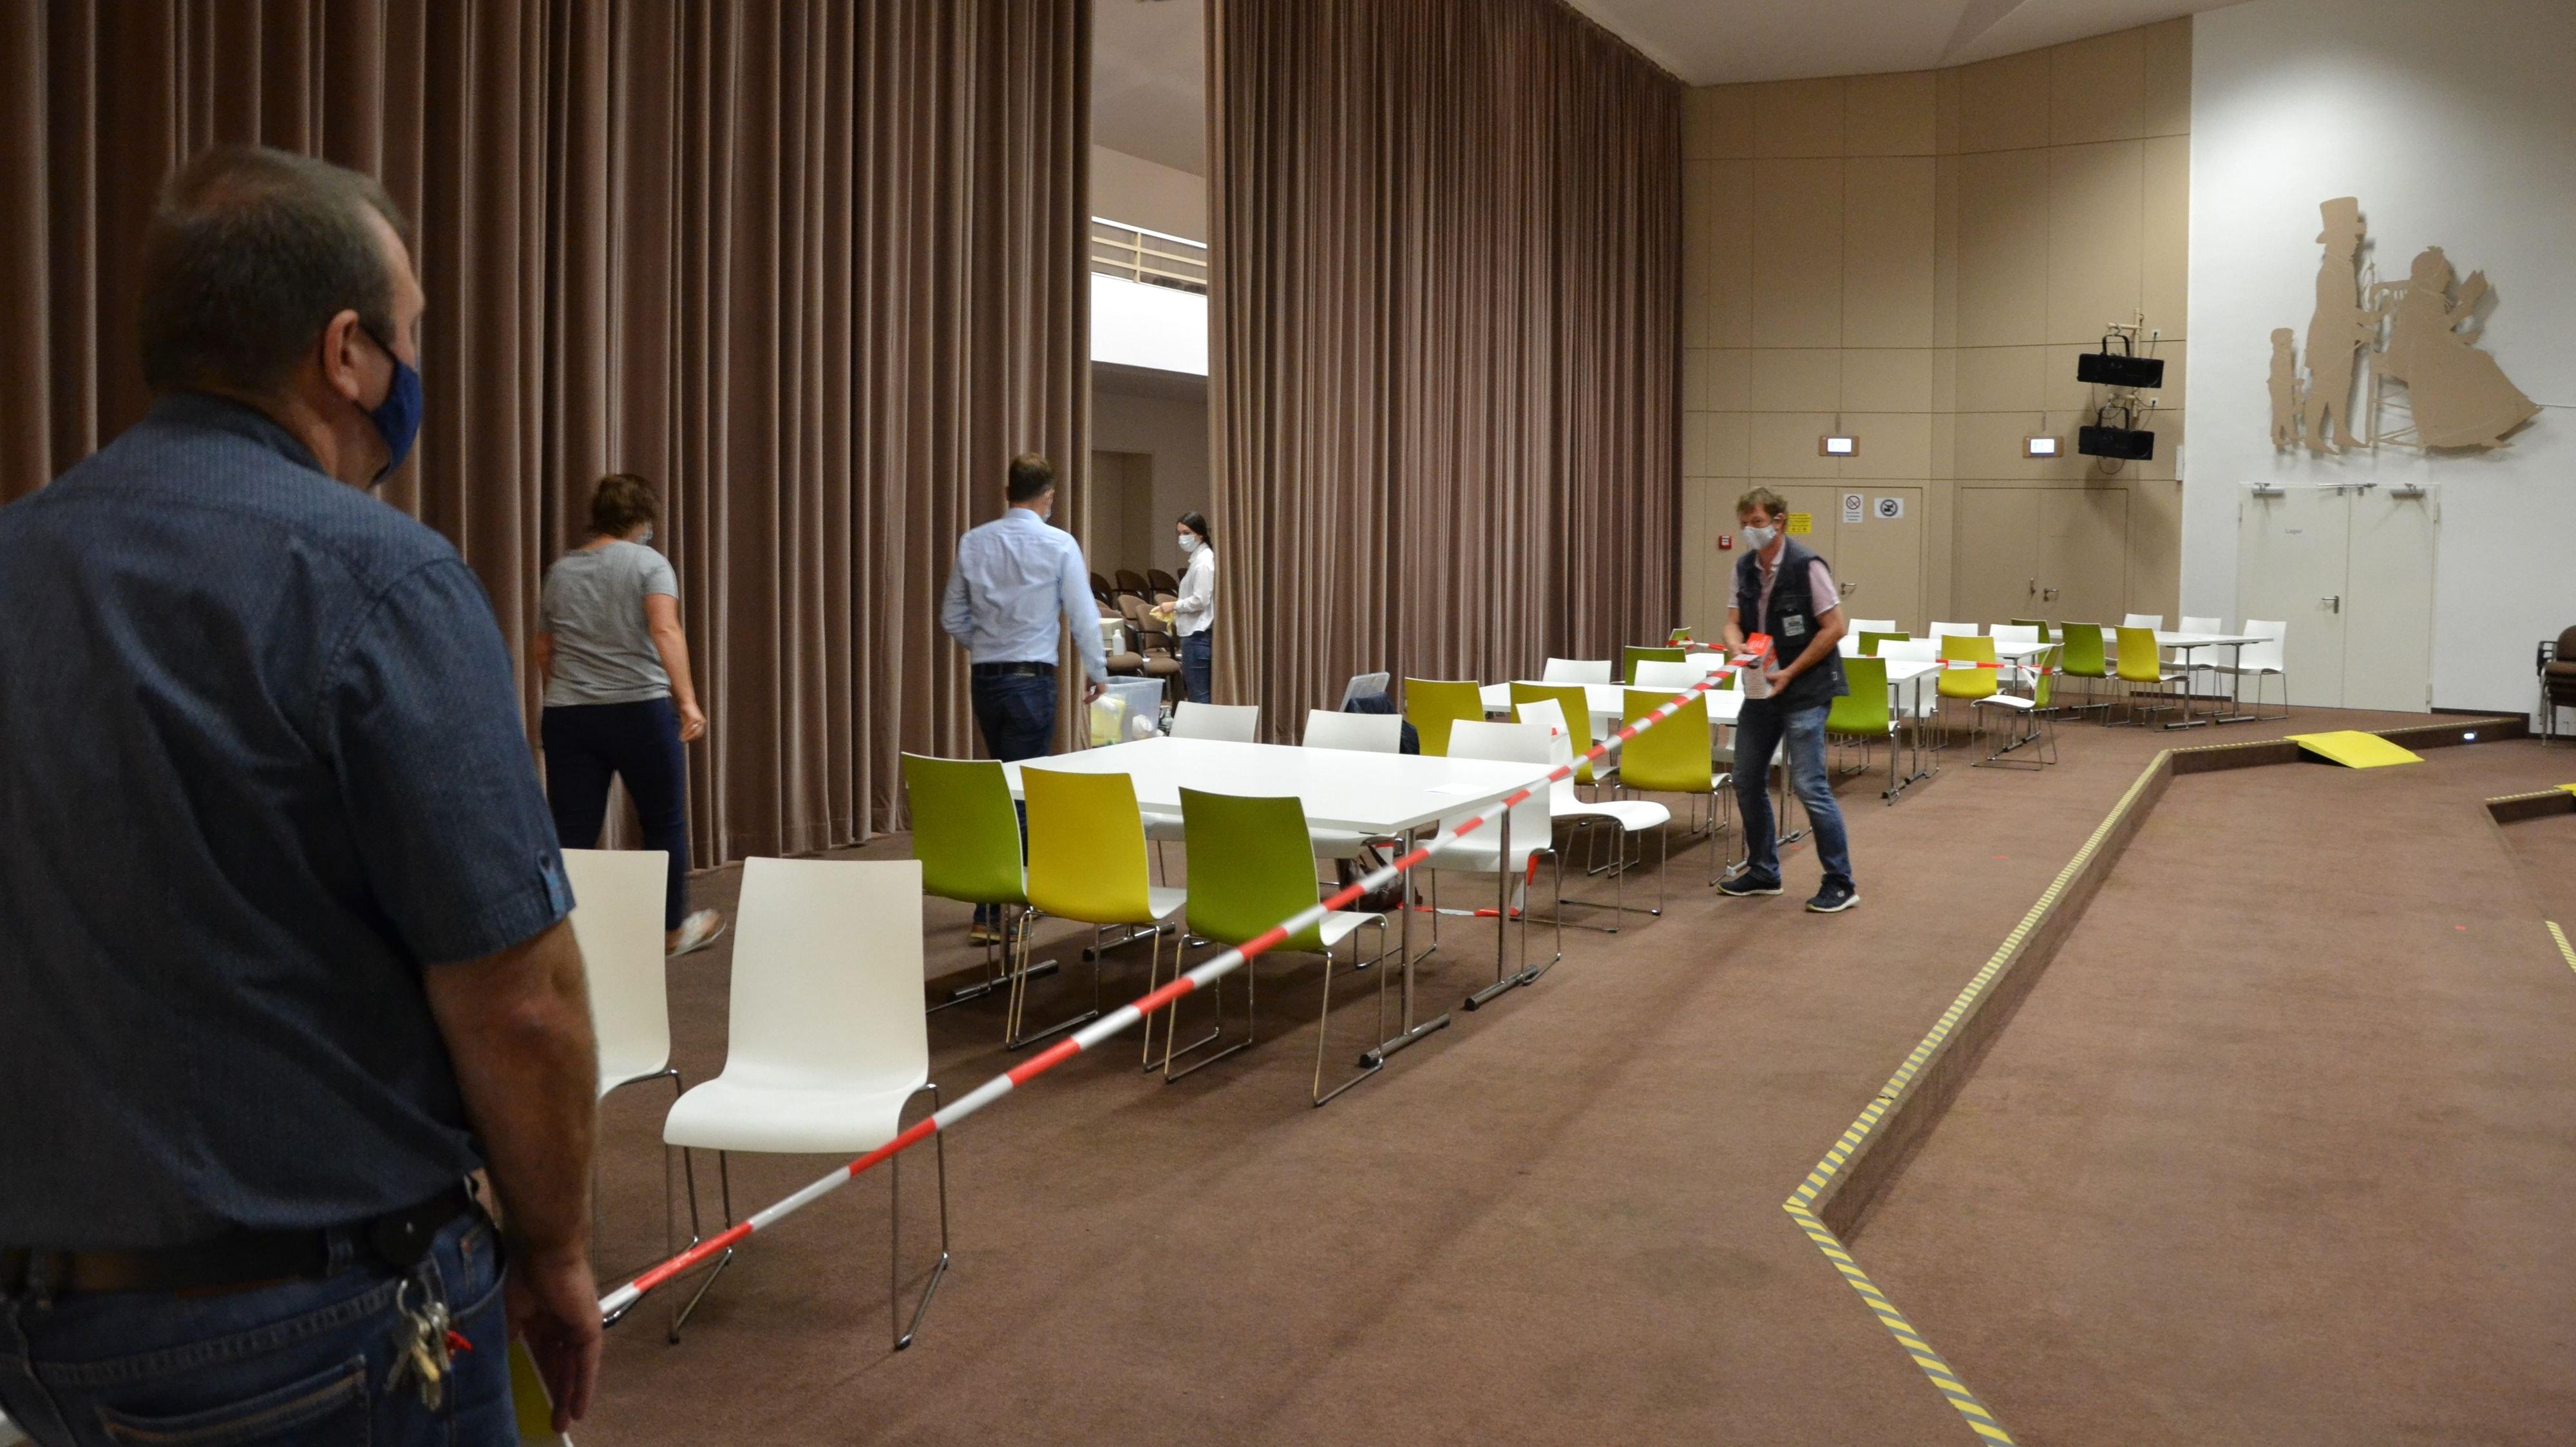 Testzentrum im Forum Hasetal: Am Mittwochmorgen  bereitete das Gesundheitsamt alles für die Abstrichentnahme vor. Foto: Meyer